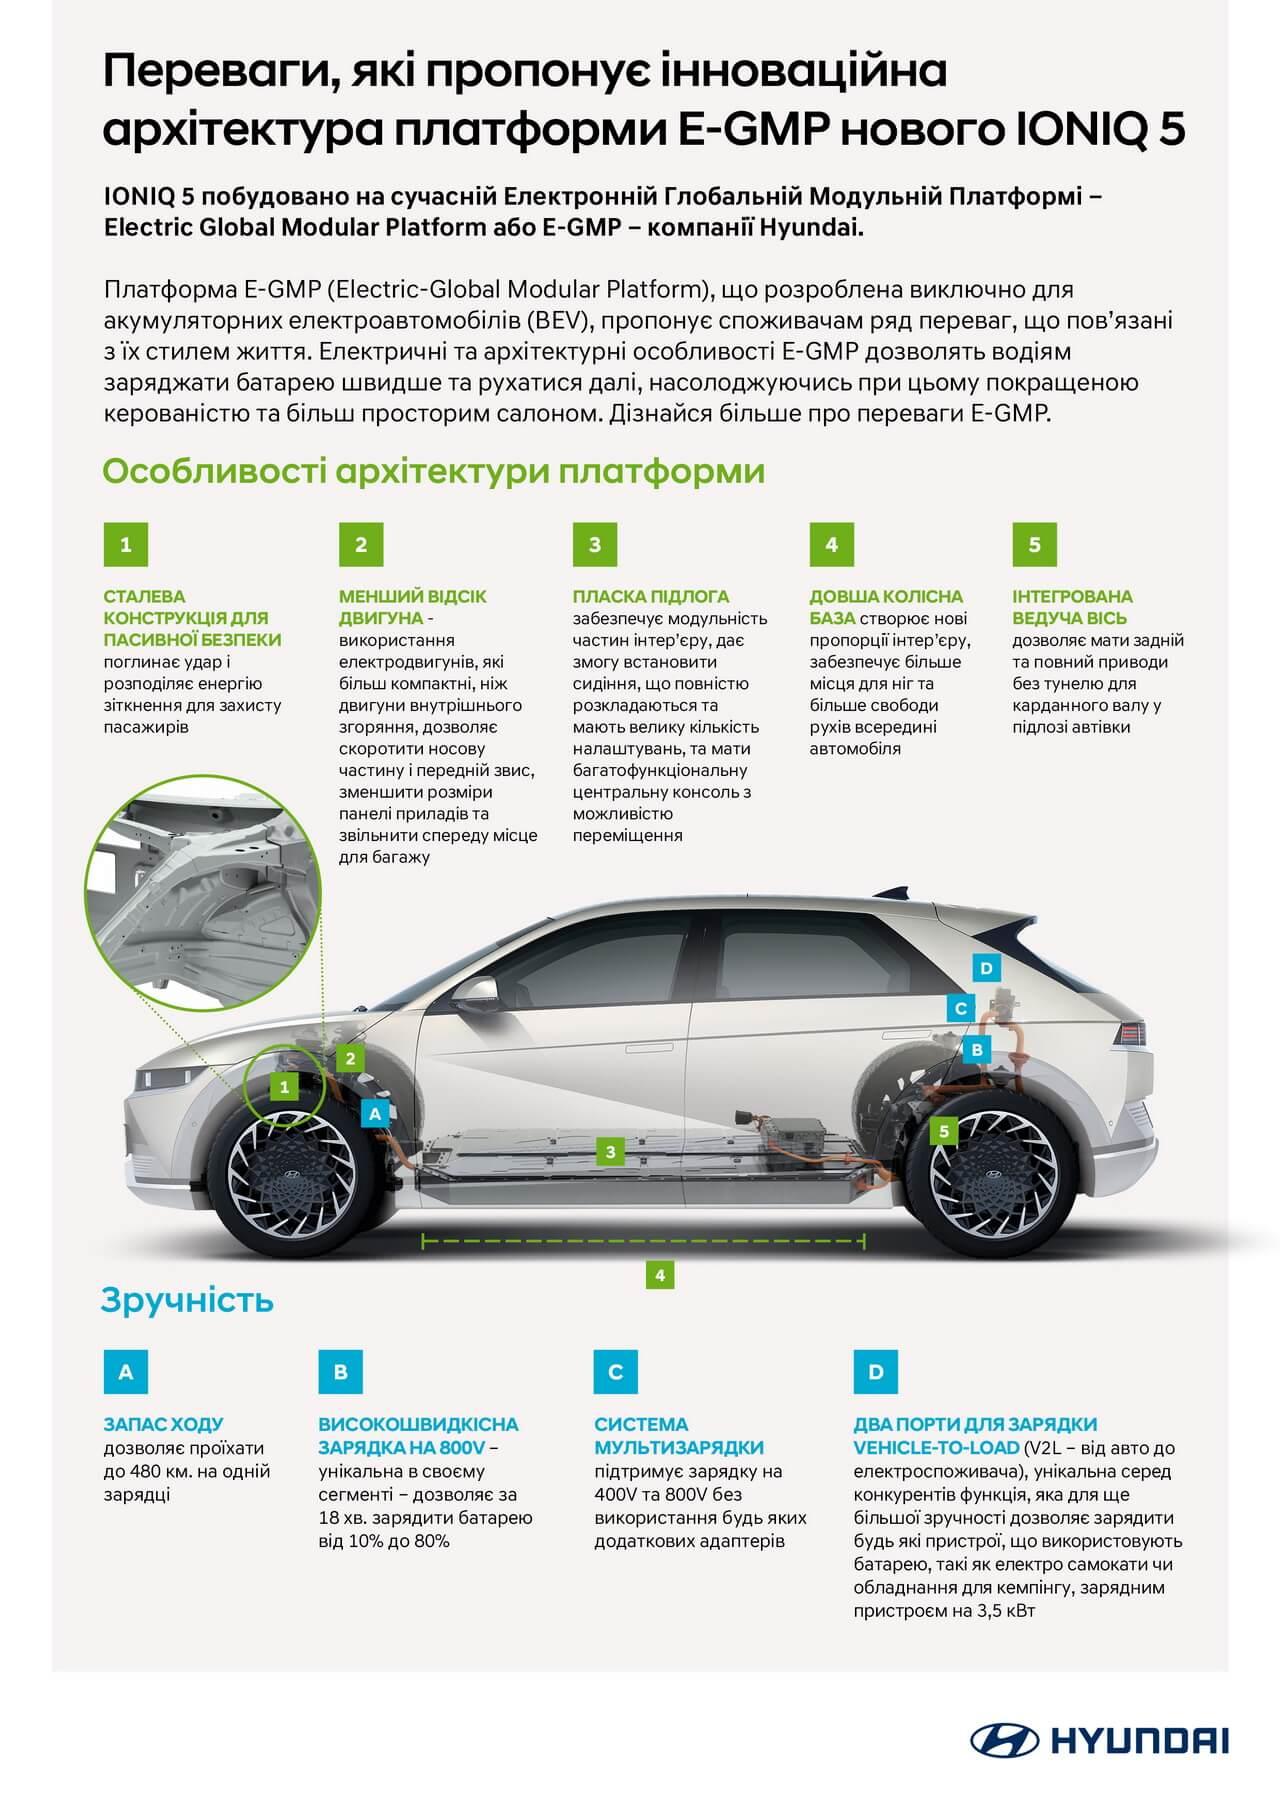 Інфографіка: використання потенціалу E-GMP в Hyundai IONIQ 5